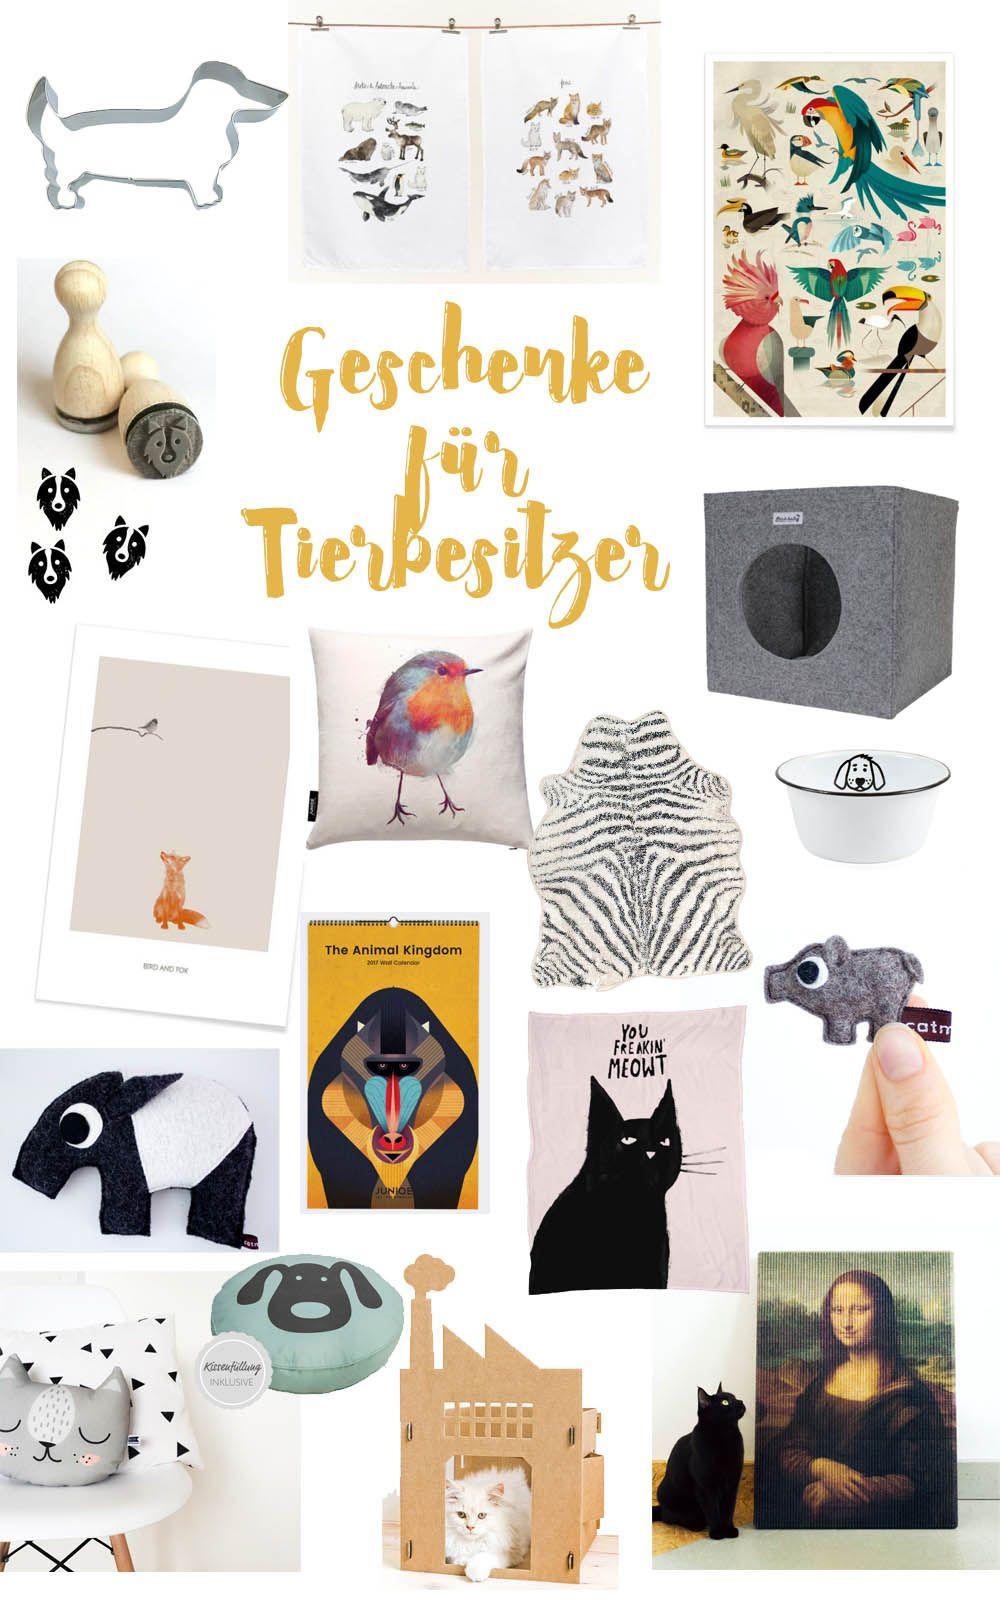 Geschenke für Tierbesitzer | Weihnachtsgeschenke | Pinterest | DIY ...